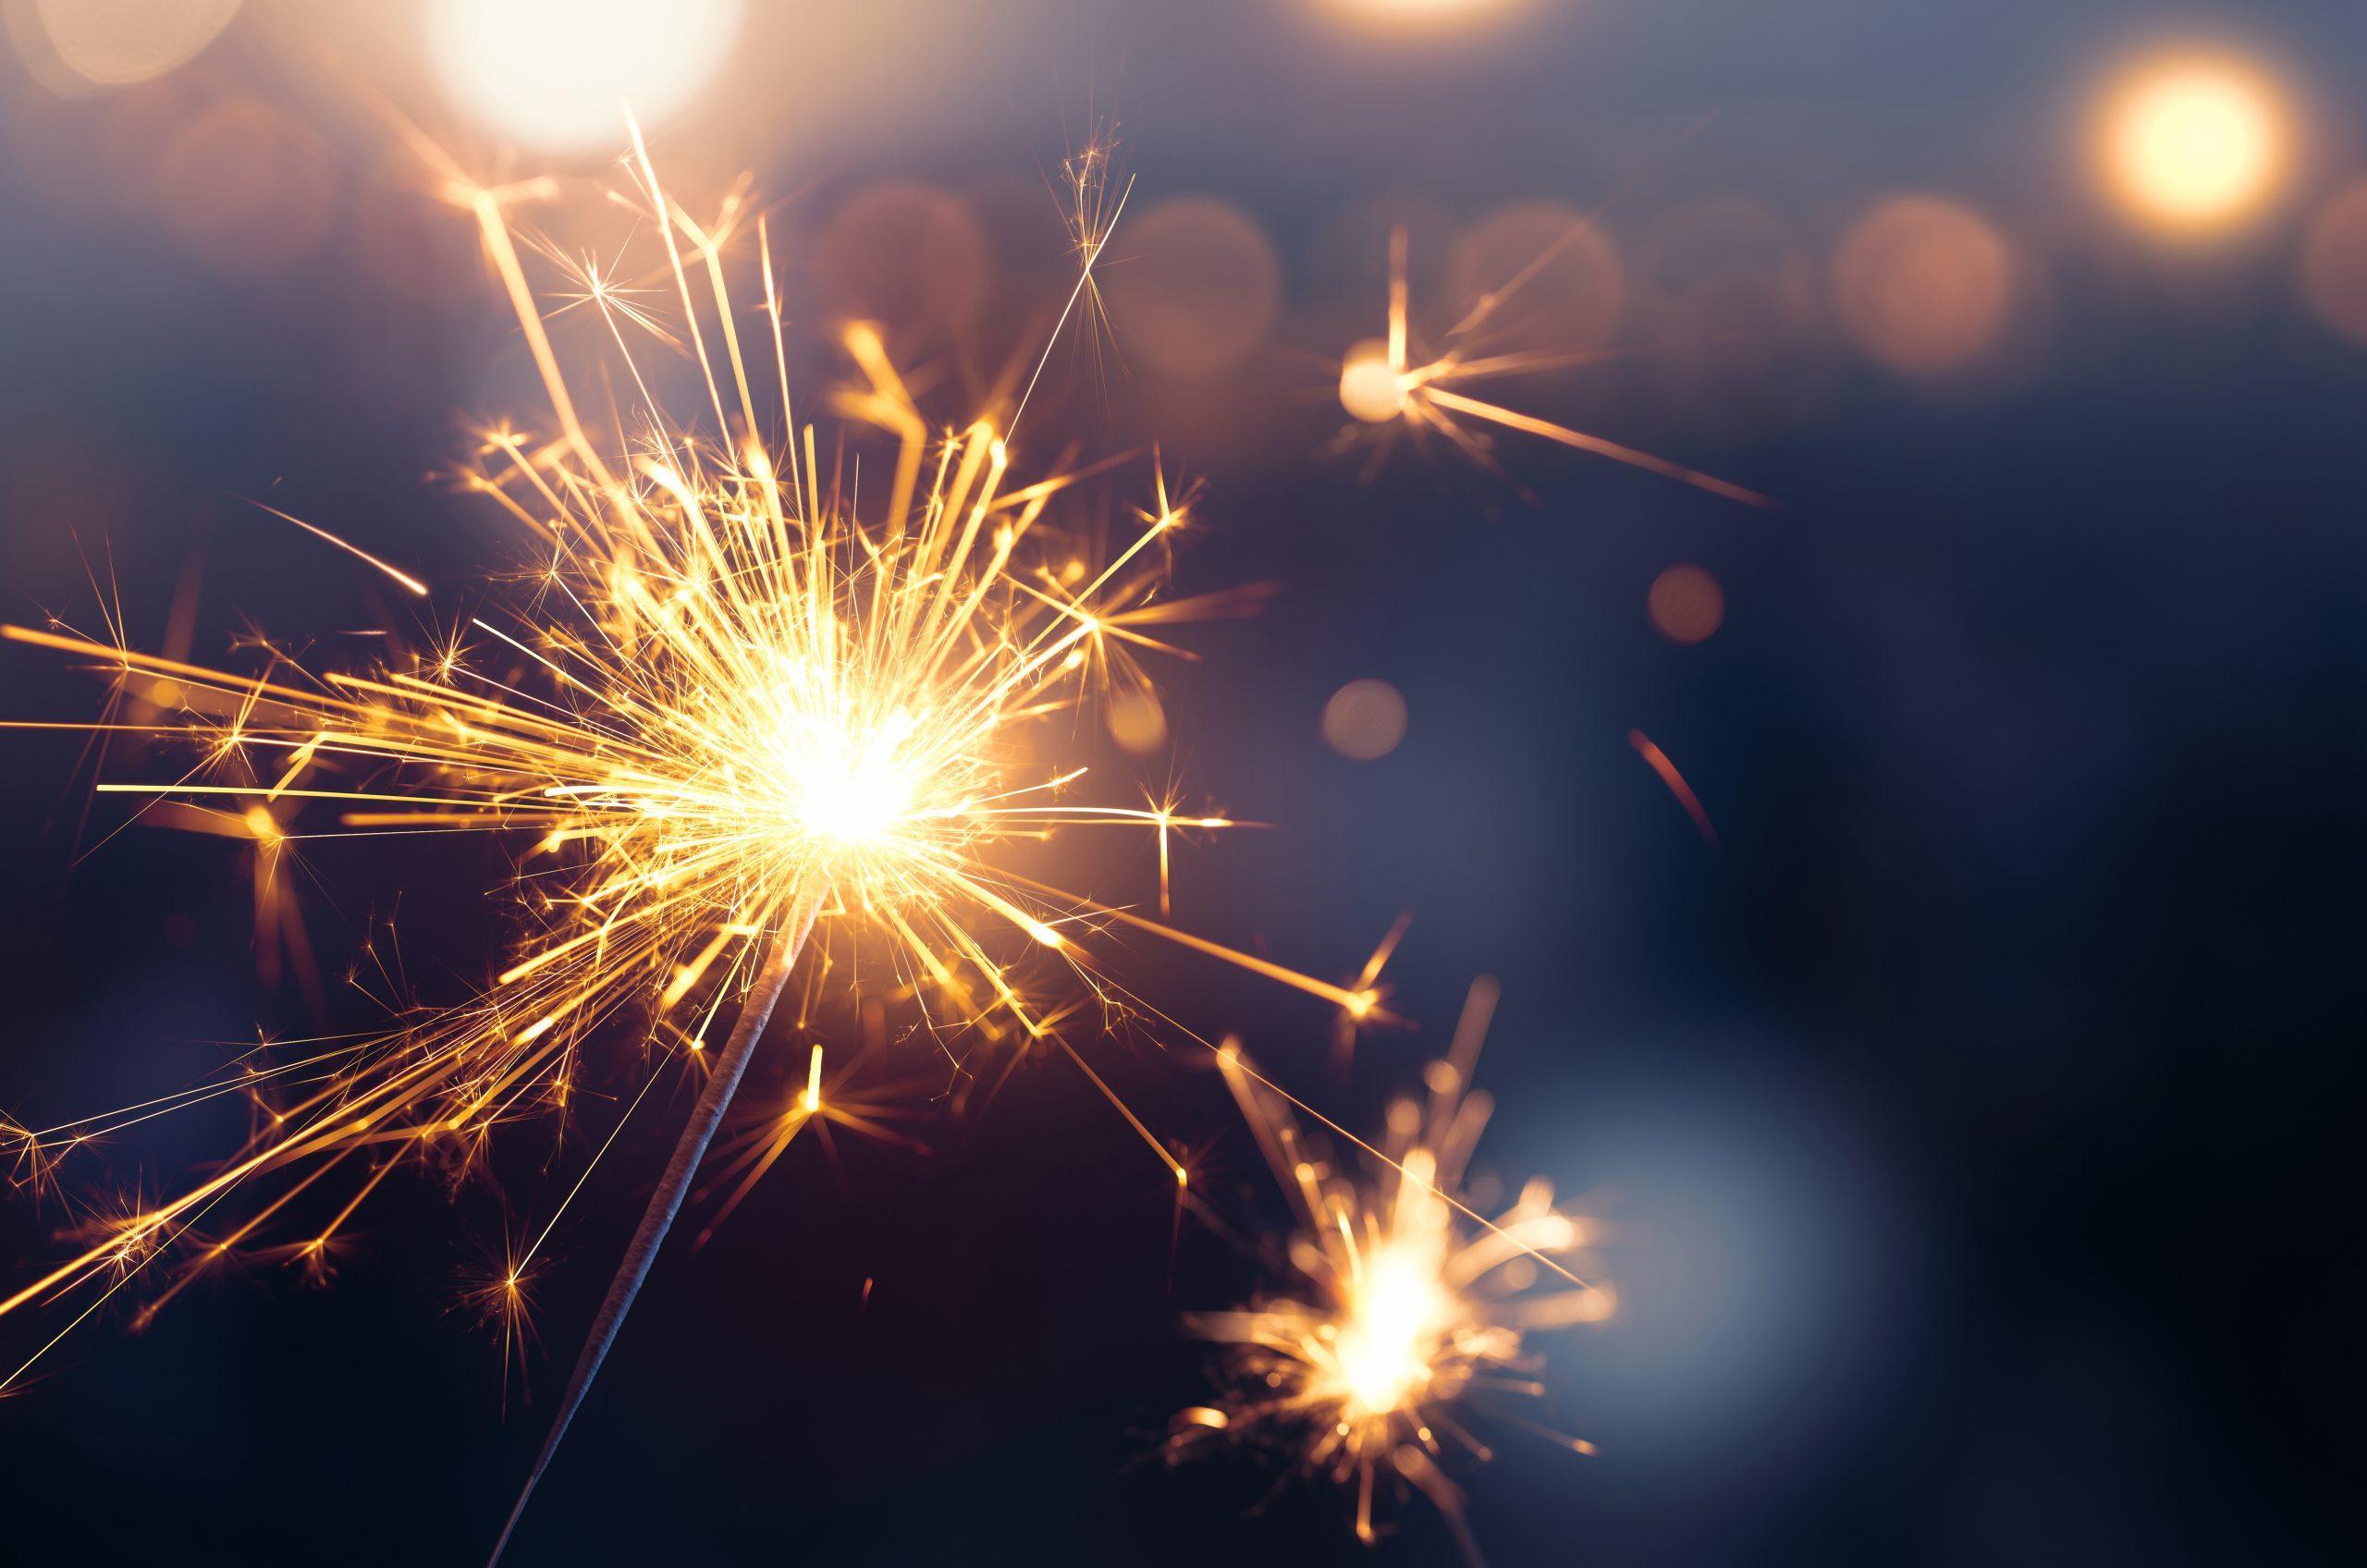 Sparkler burning in the bottom left side of photo